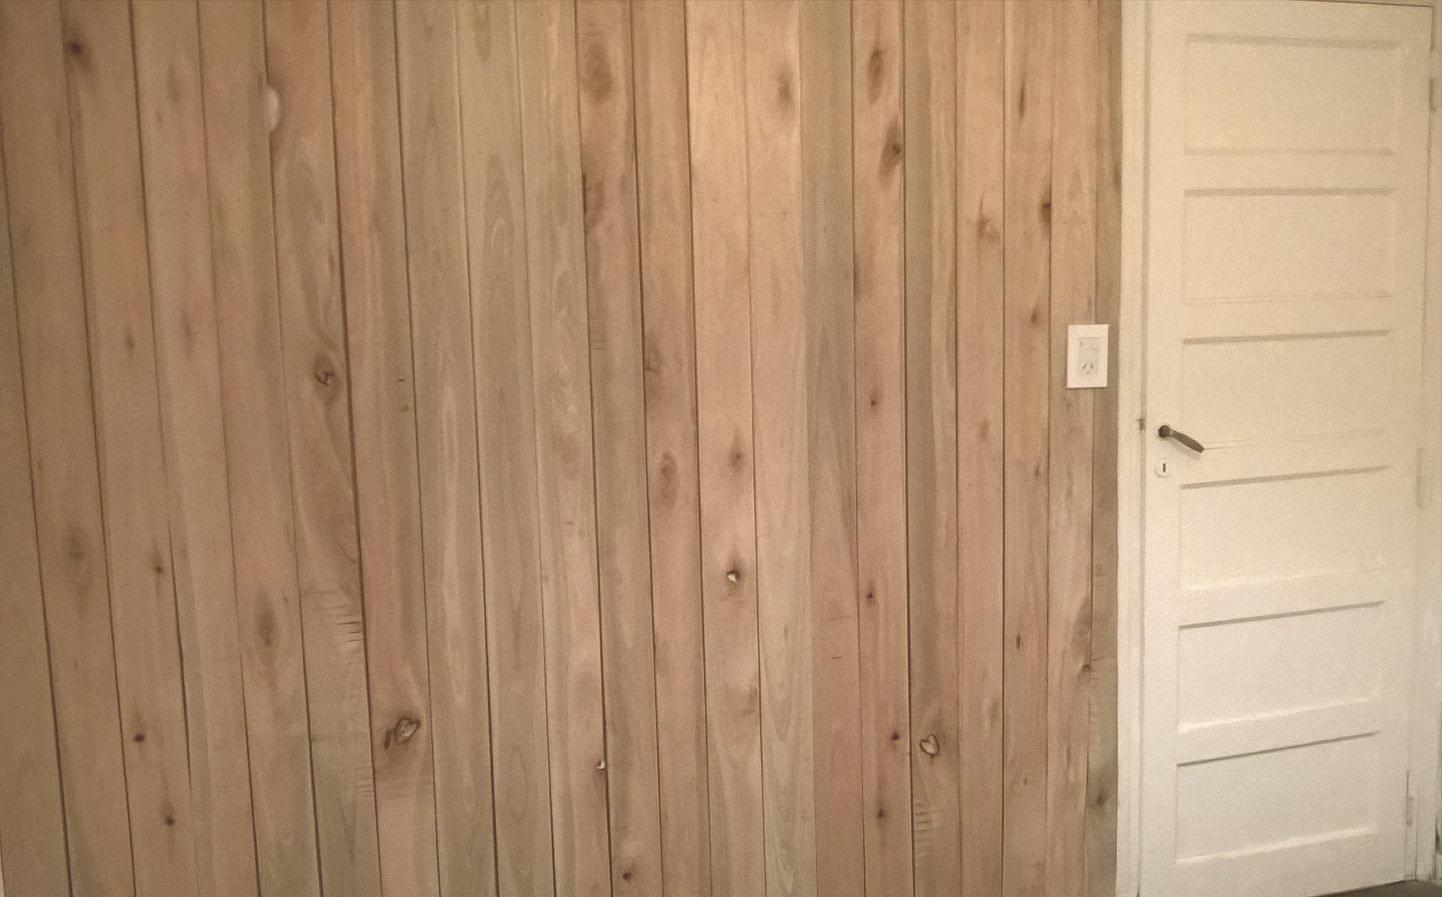 Tienda la florinda revestimiento de madera - Revestimiento de madera ...